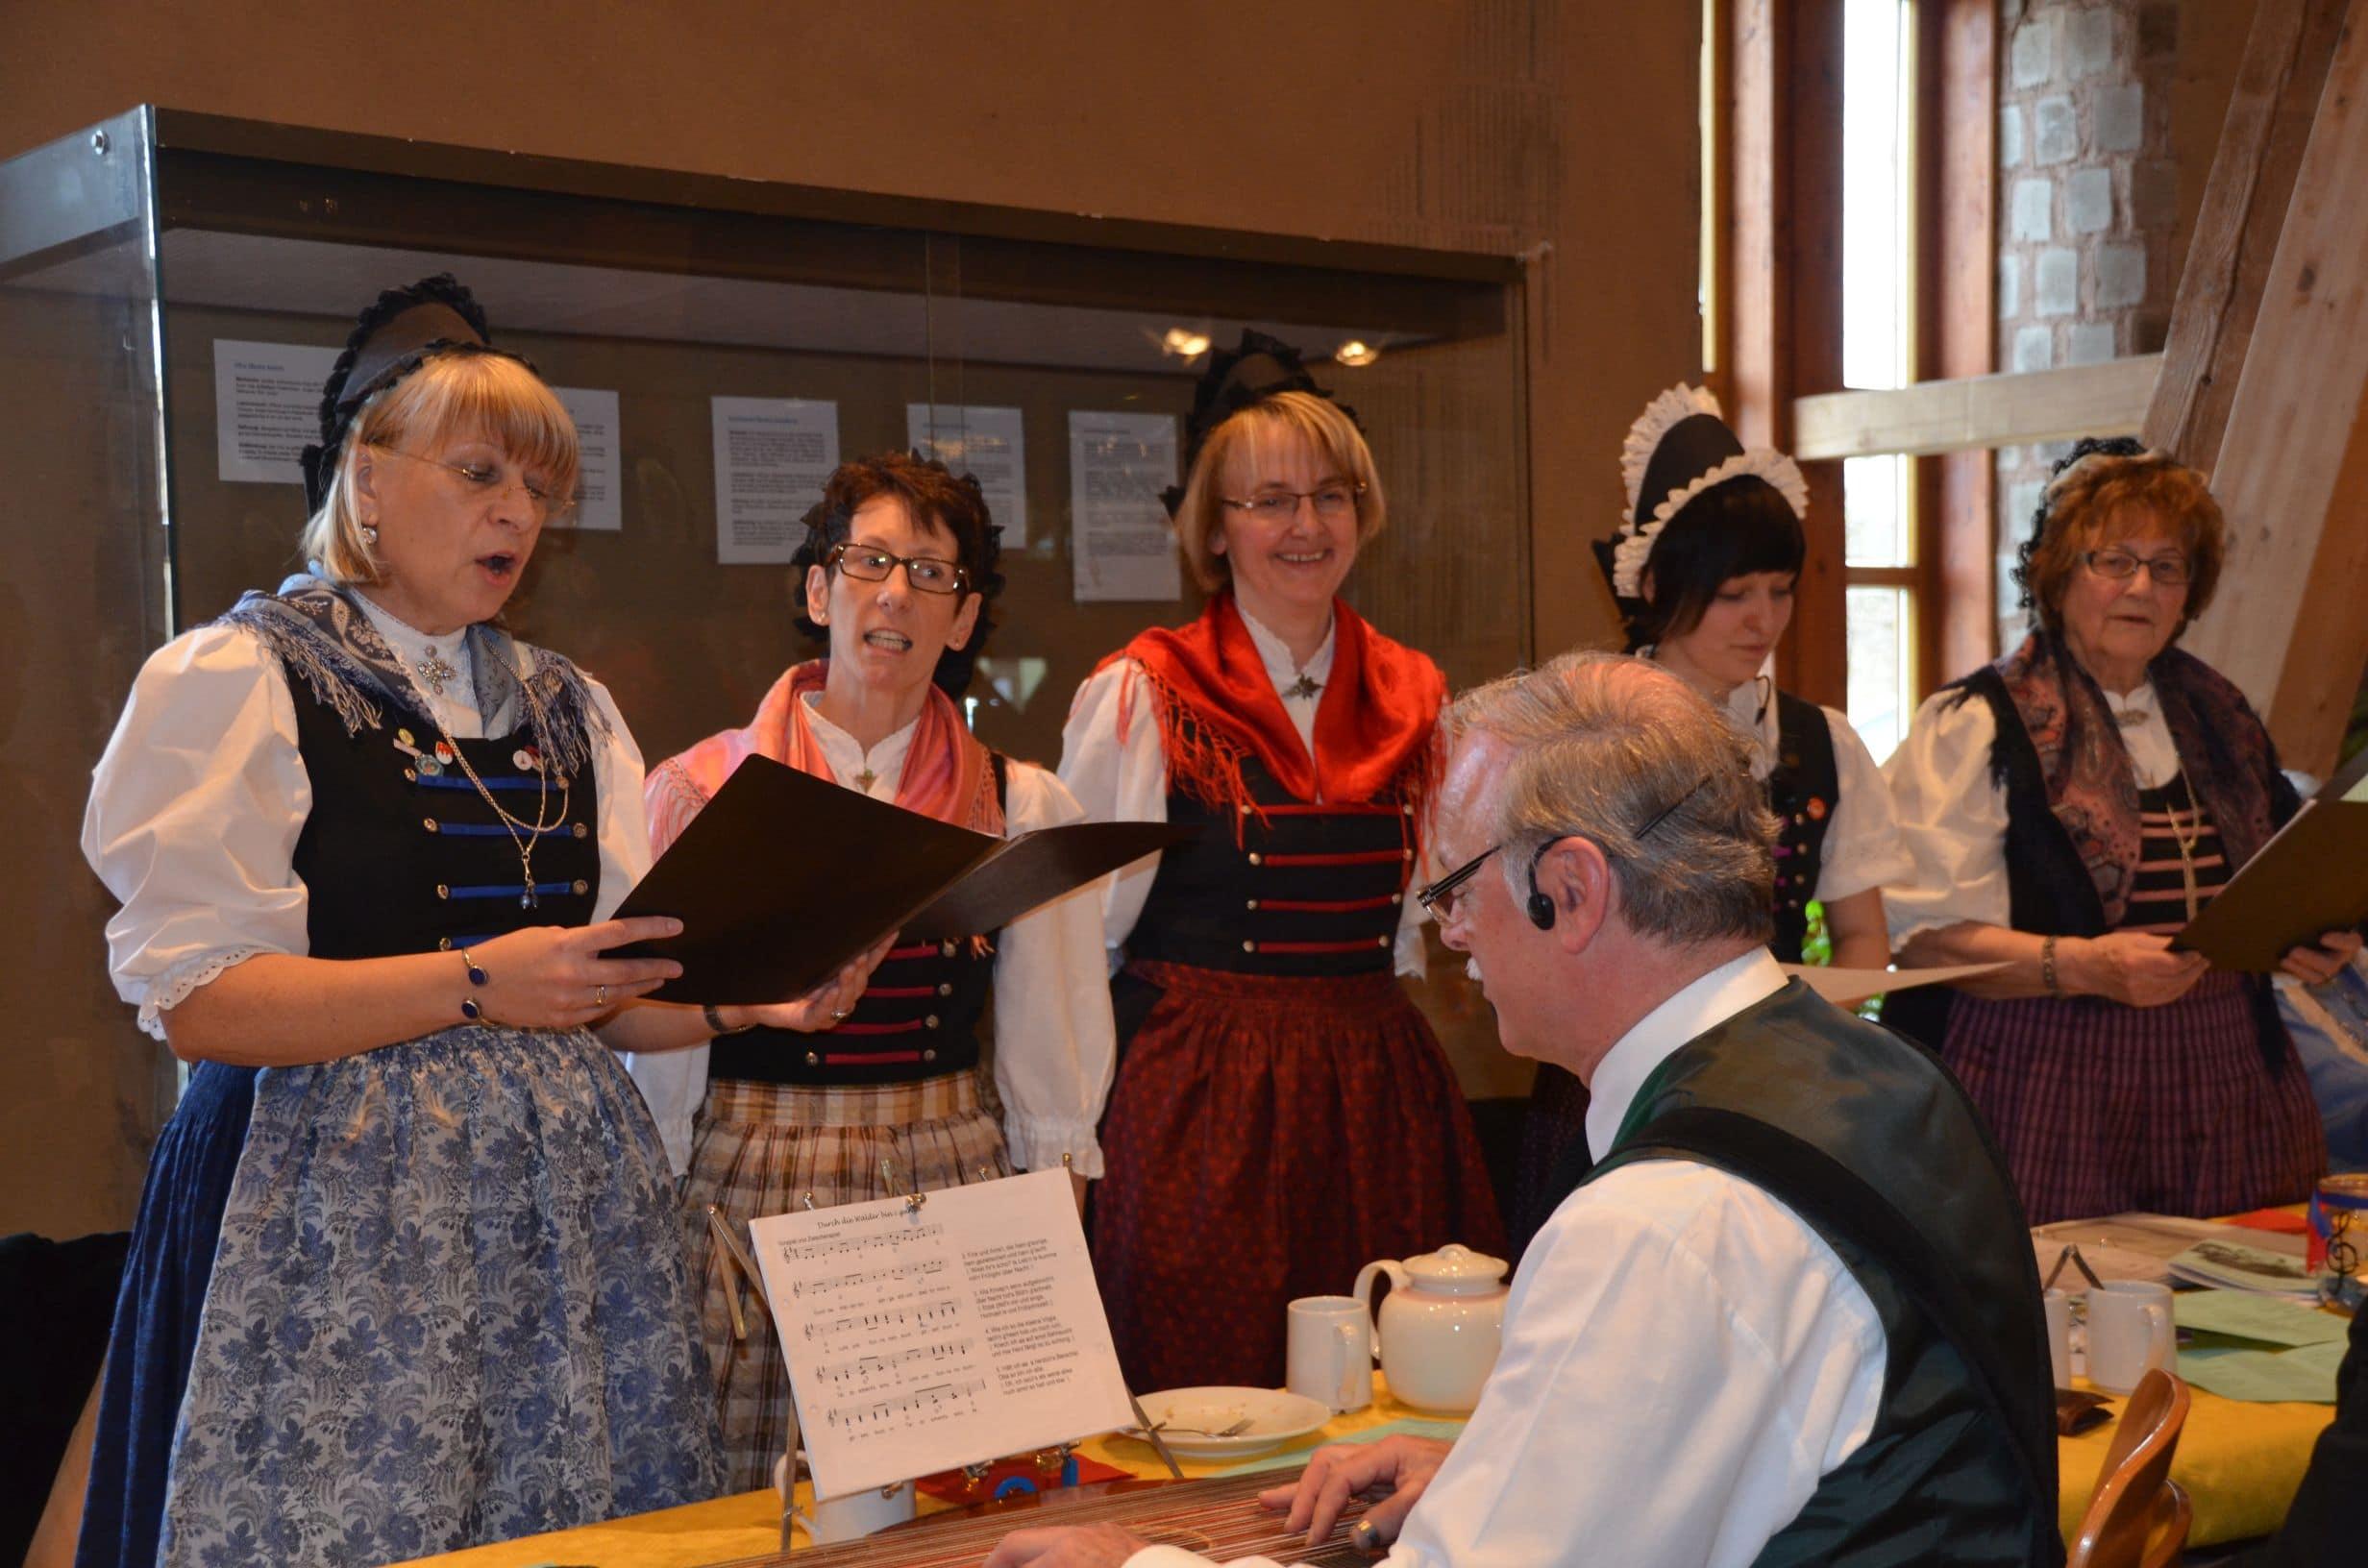 Sängerinnen der Alt-Bayreuther